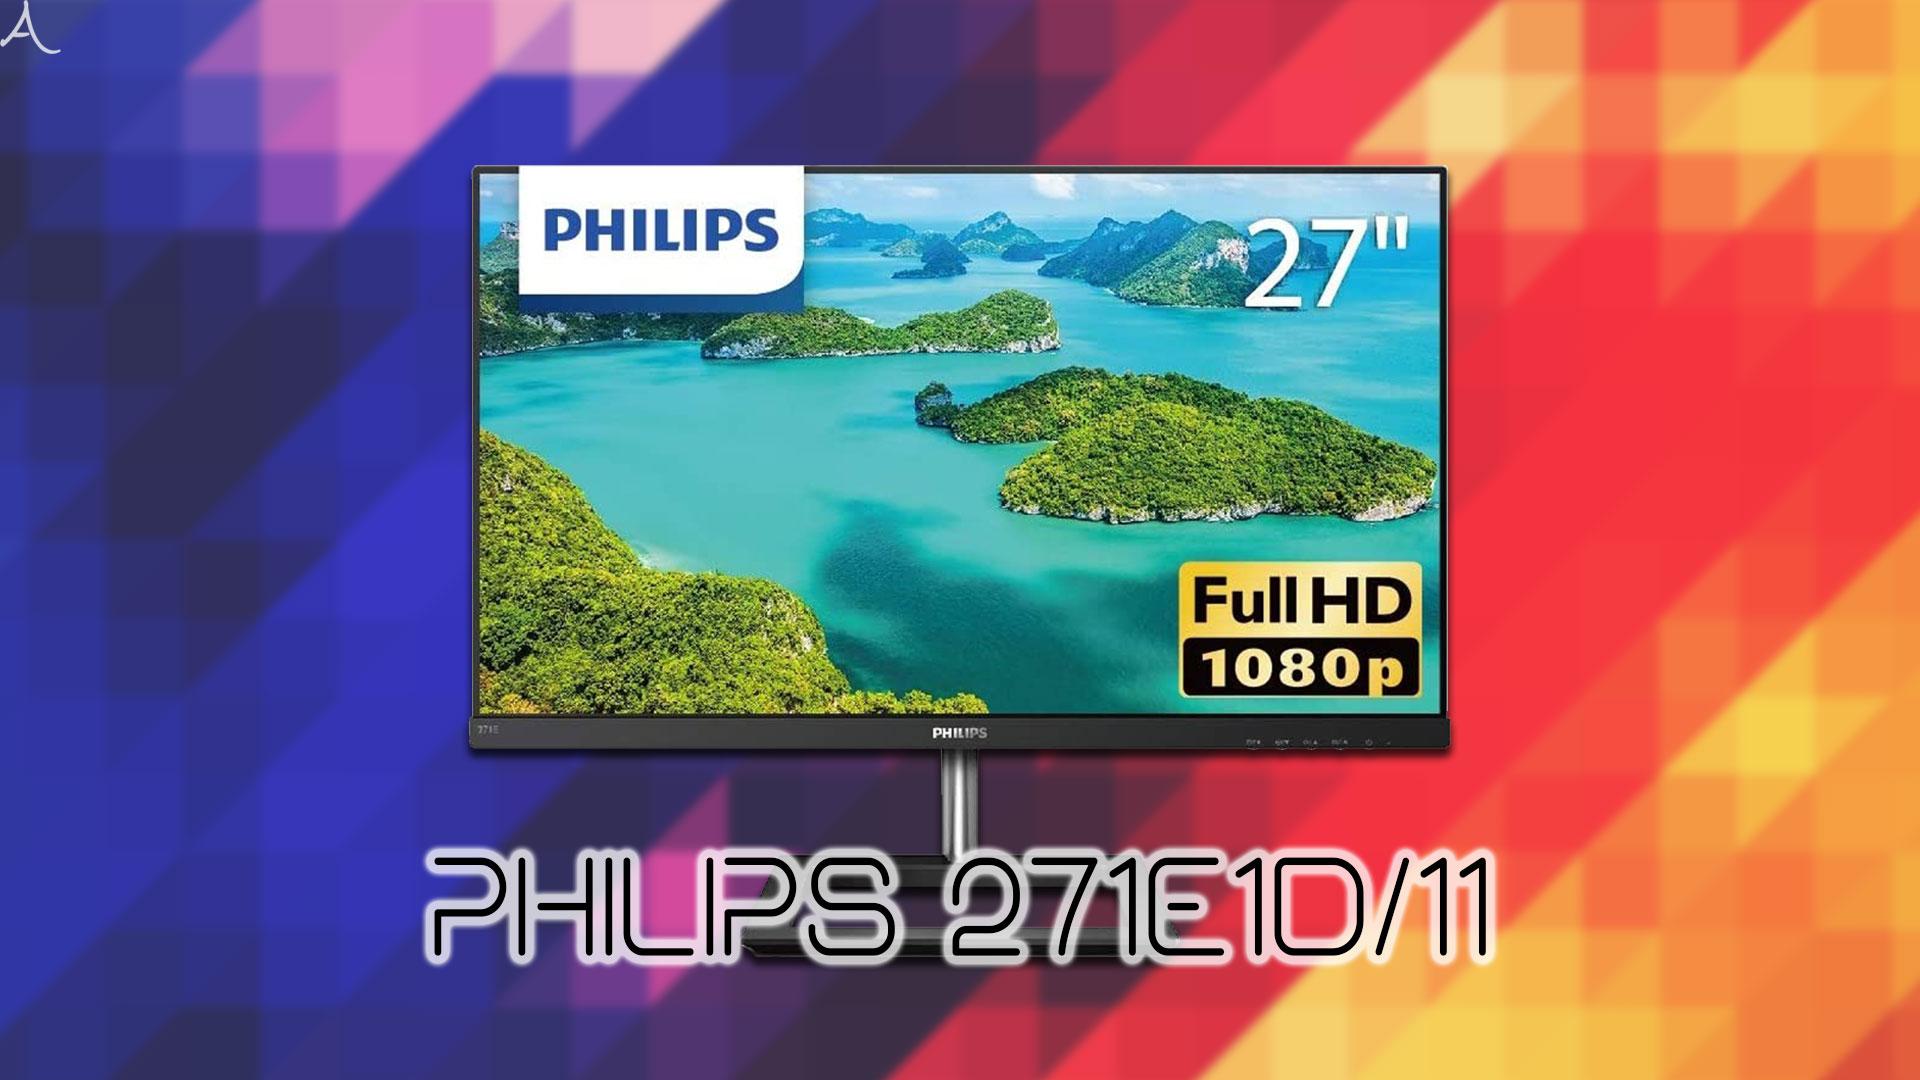 「PHILIPS 271E1D/11」ってモニターアーム使えるの?VESAサイズやおすすめアームはどれ?